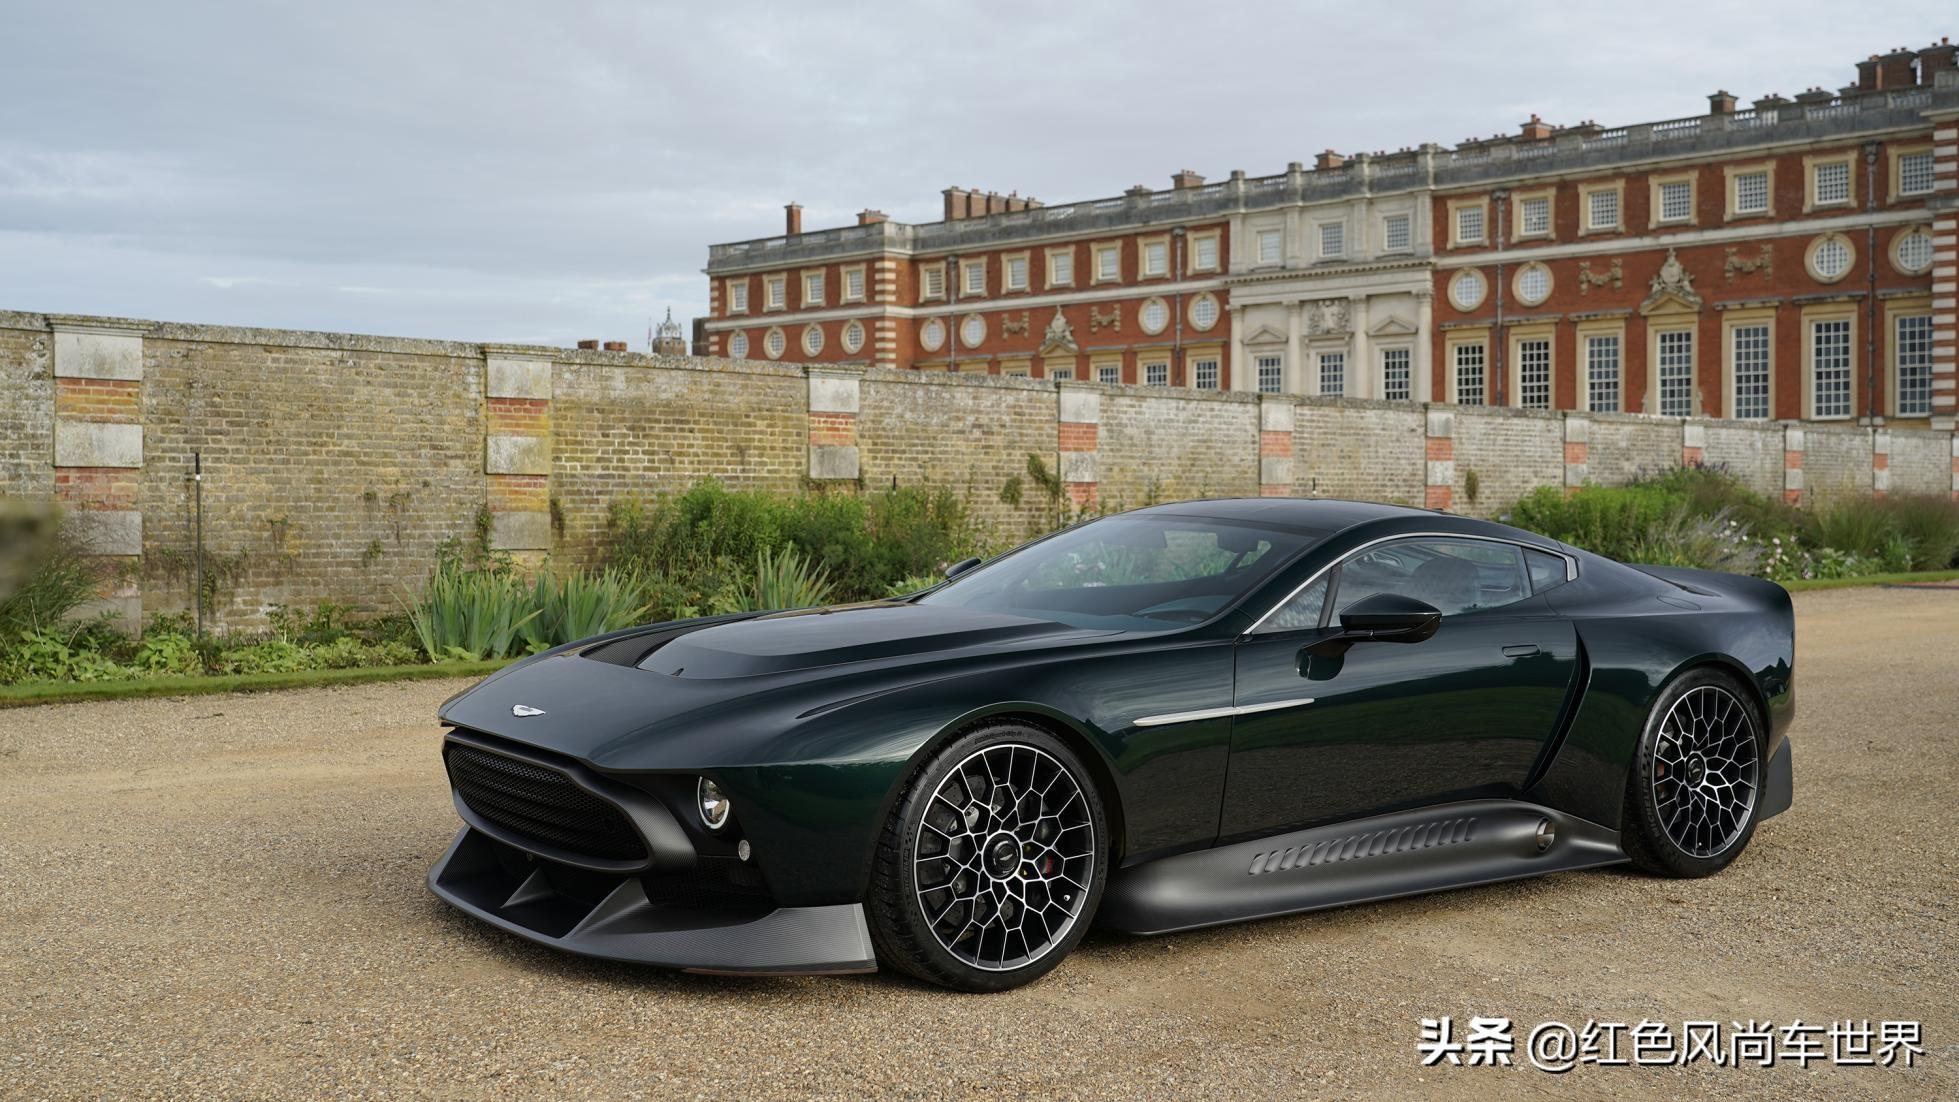 全球唯一一部的阿斯顿·马丁 Victor 超级跑车